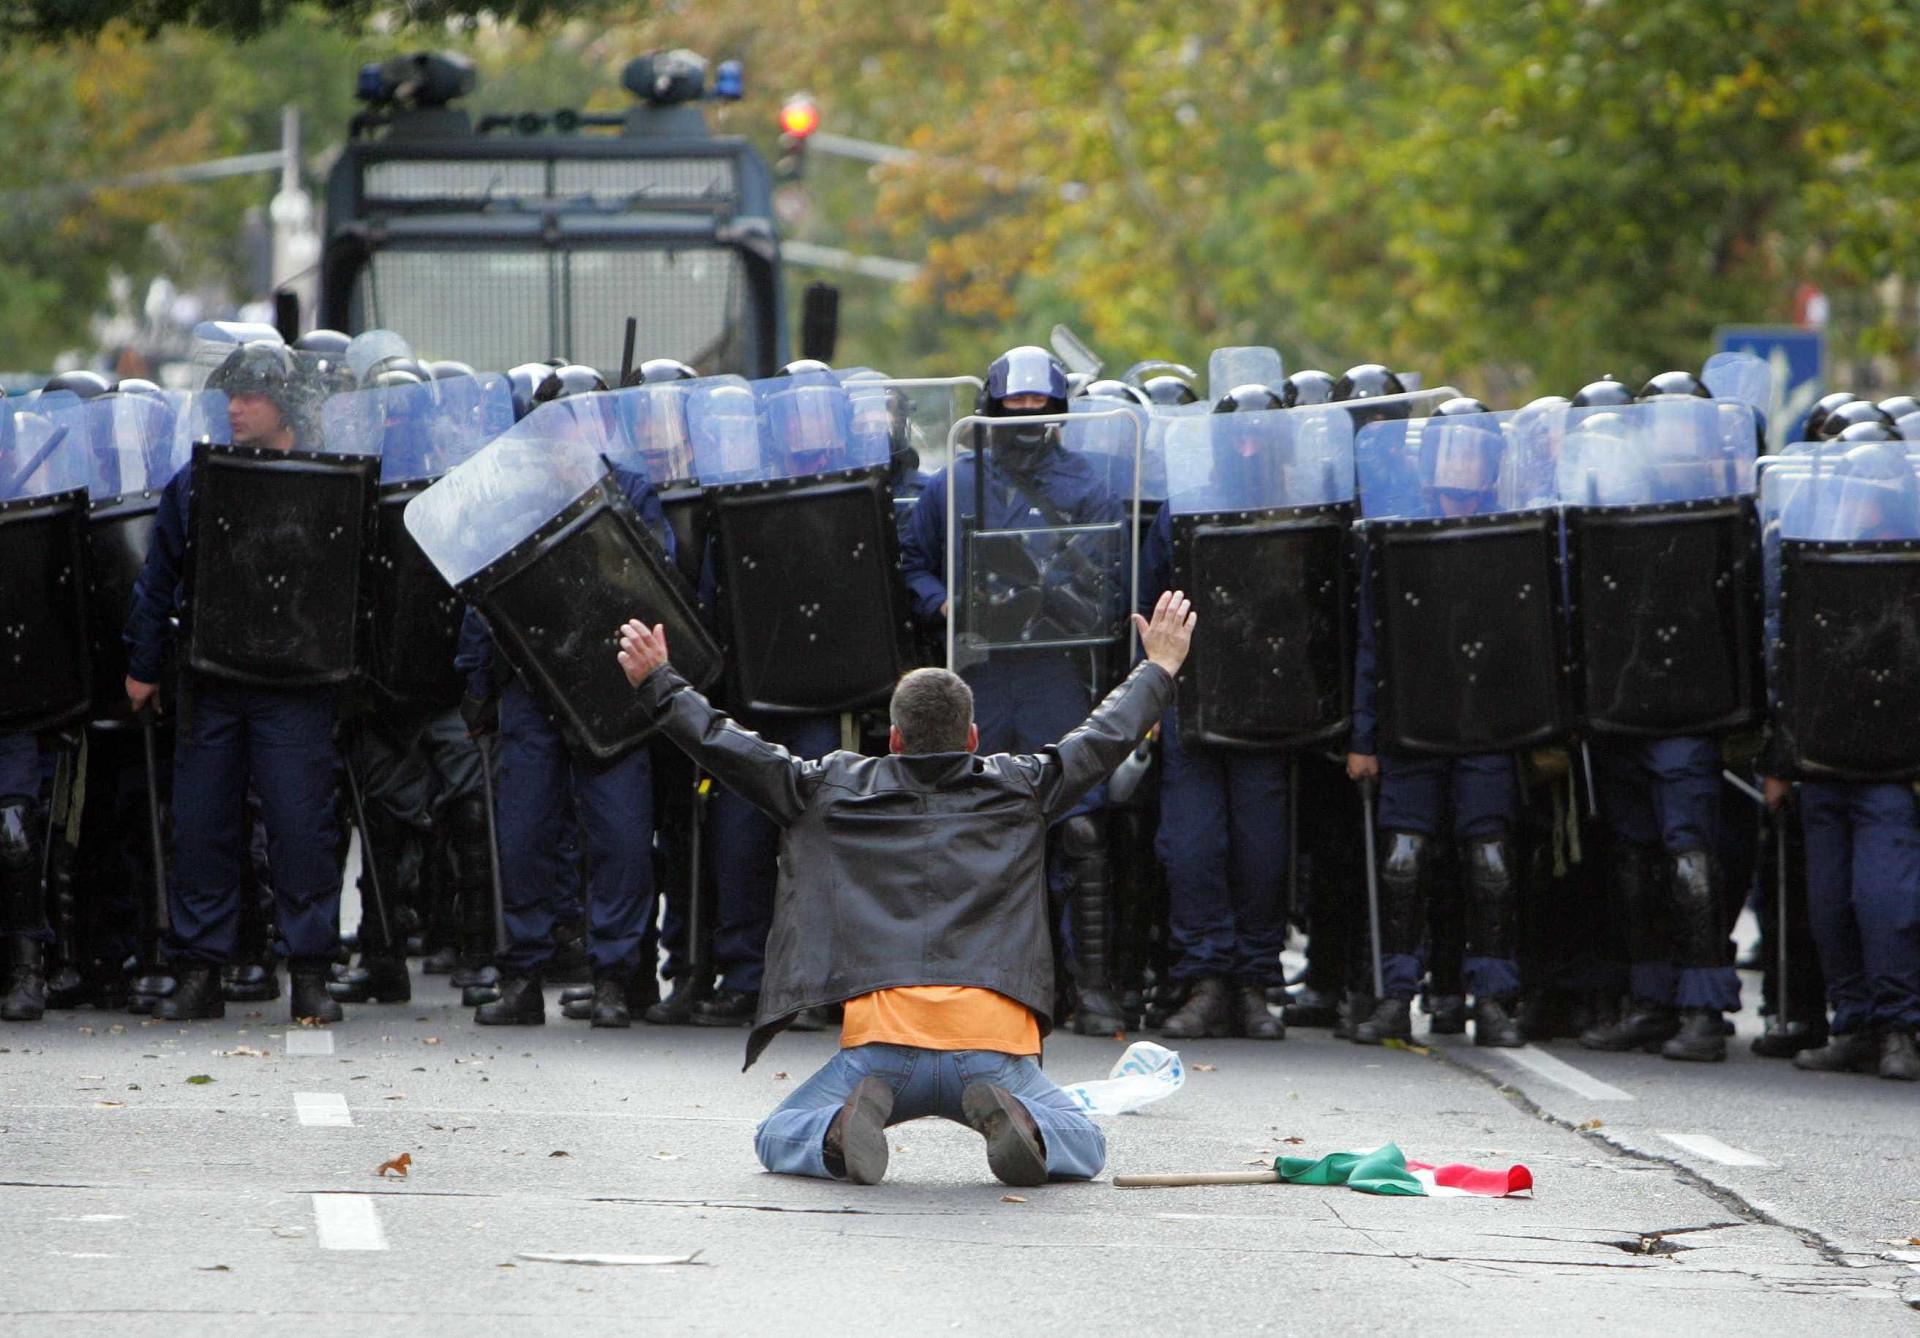 Quando alguém ousa erguer-se sozinho. Imagens de protesto e de coragem